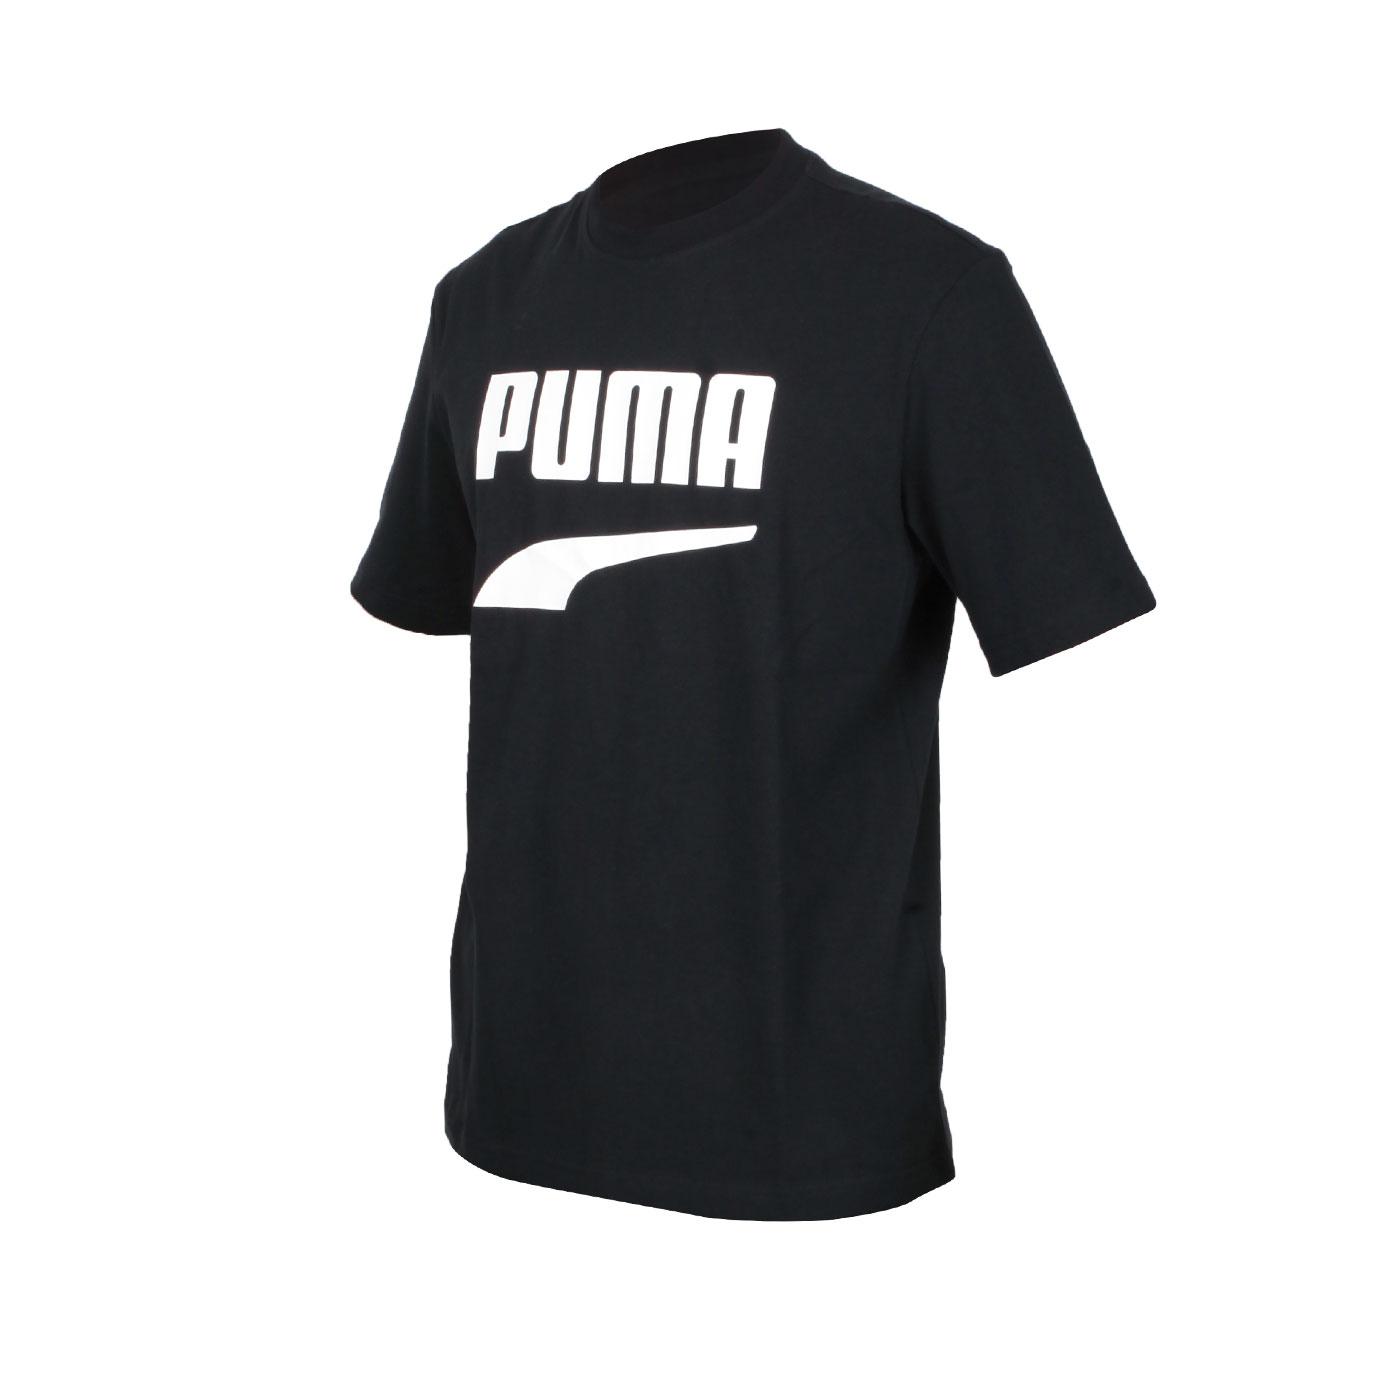 PUMA 男款流行系列短袖T恤 59762601 - 黑白